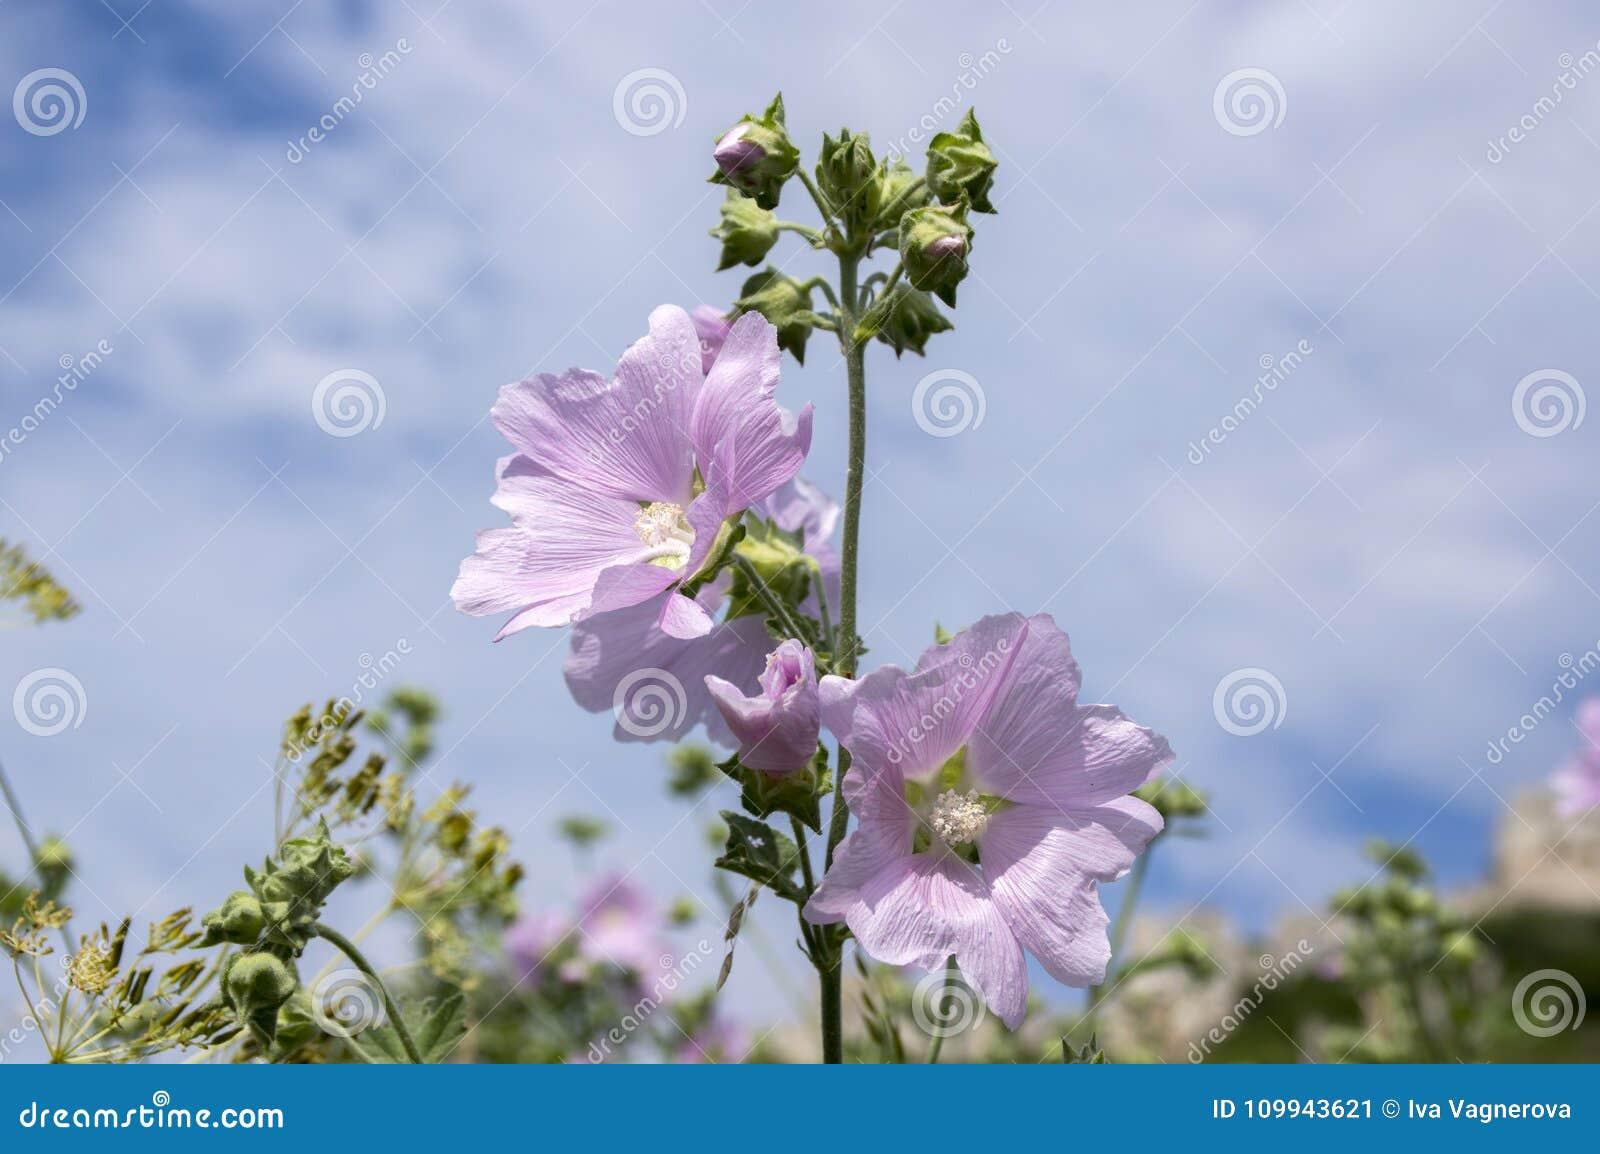 Malvaalceaen i blom, rosa färg blommar på stammen med sidor